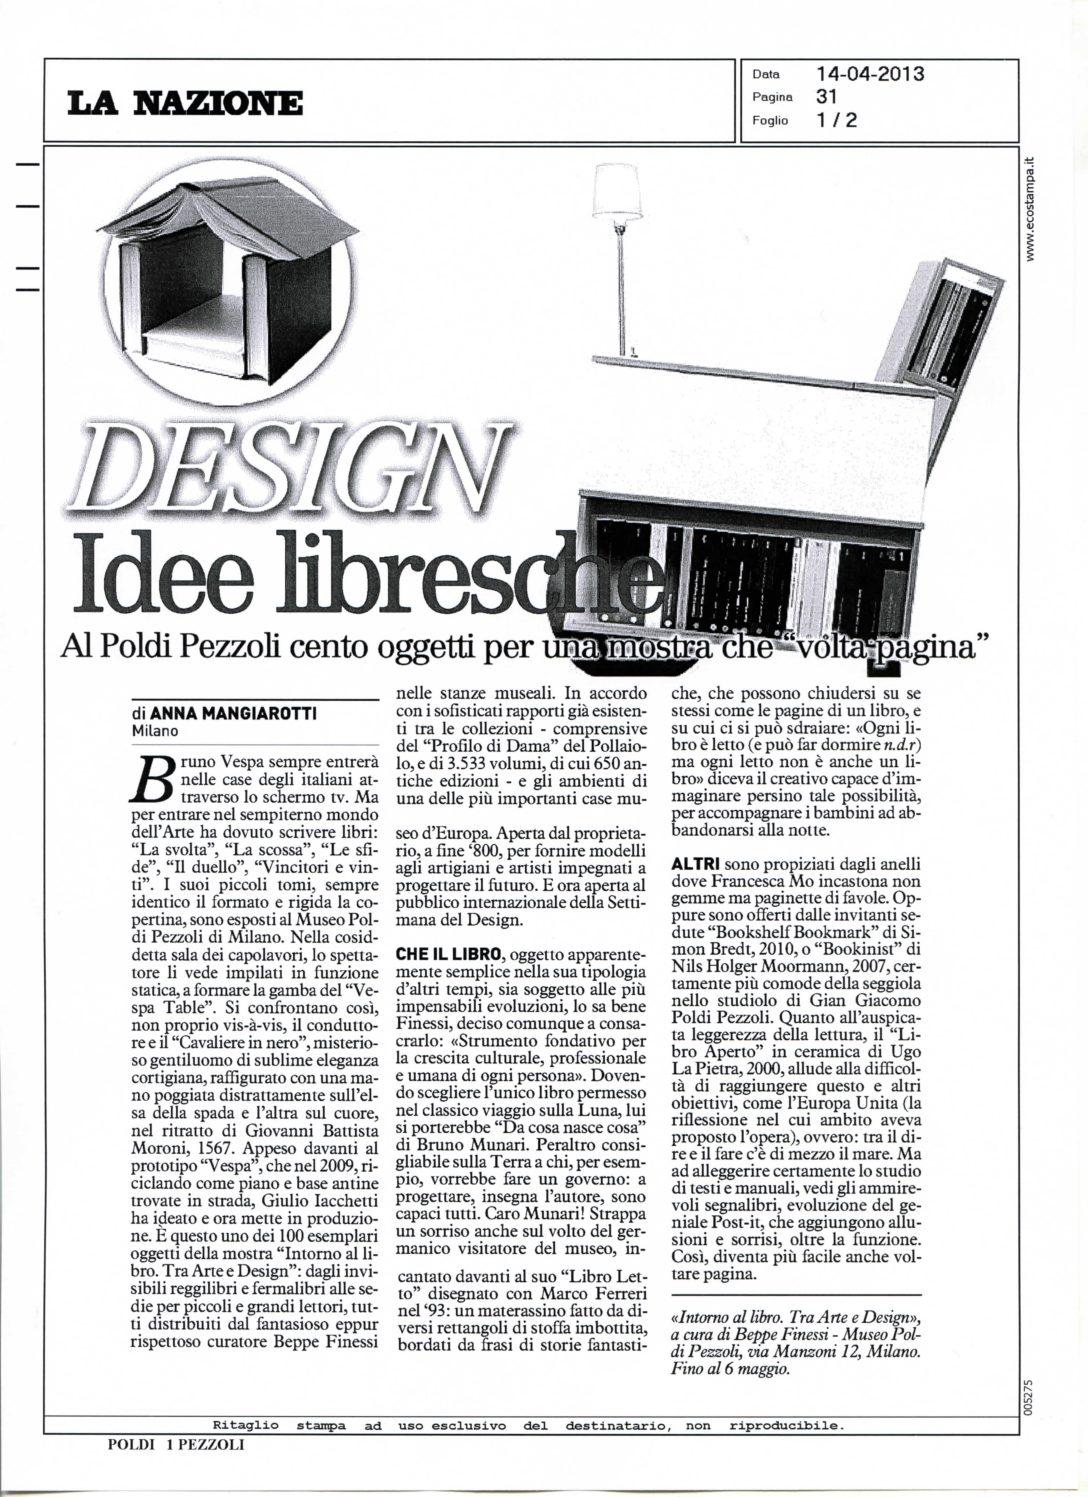 Design Idee Libresche La Nazione – 2013